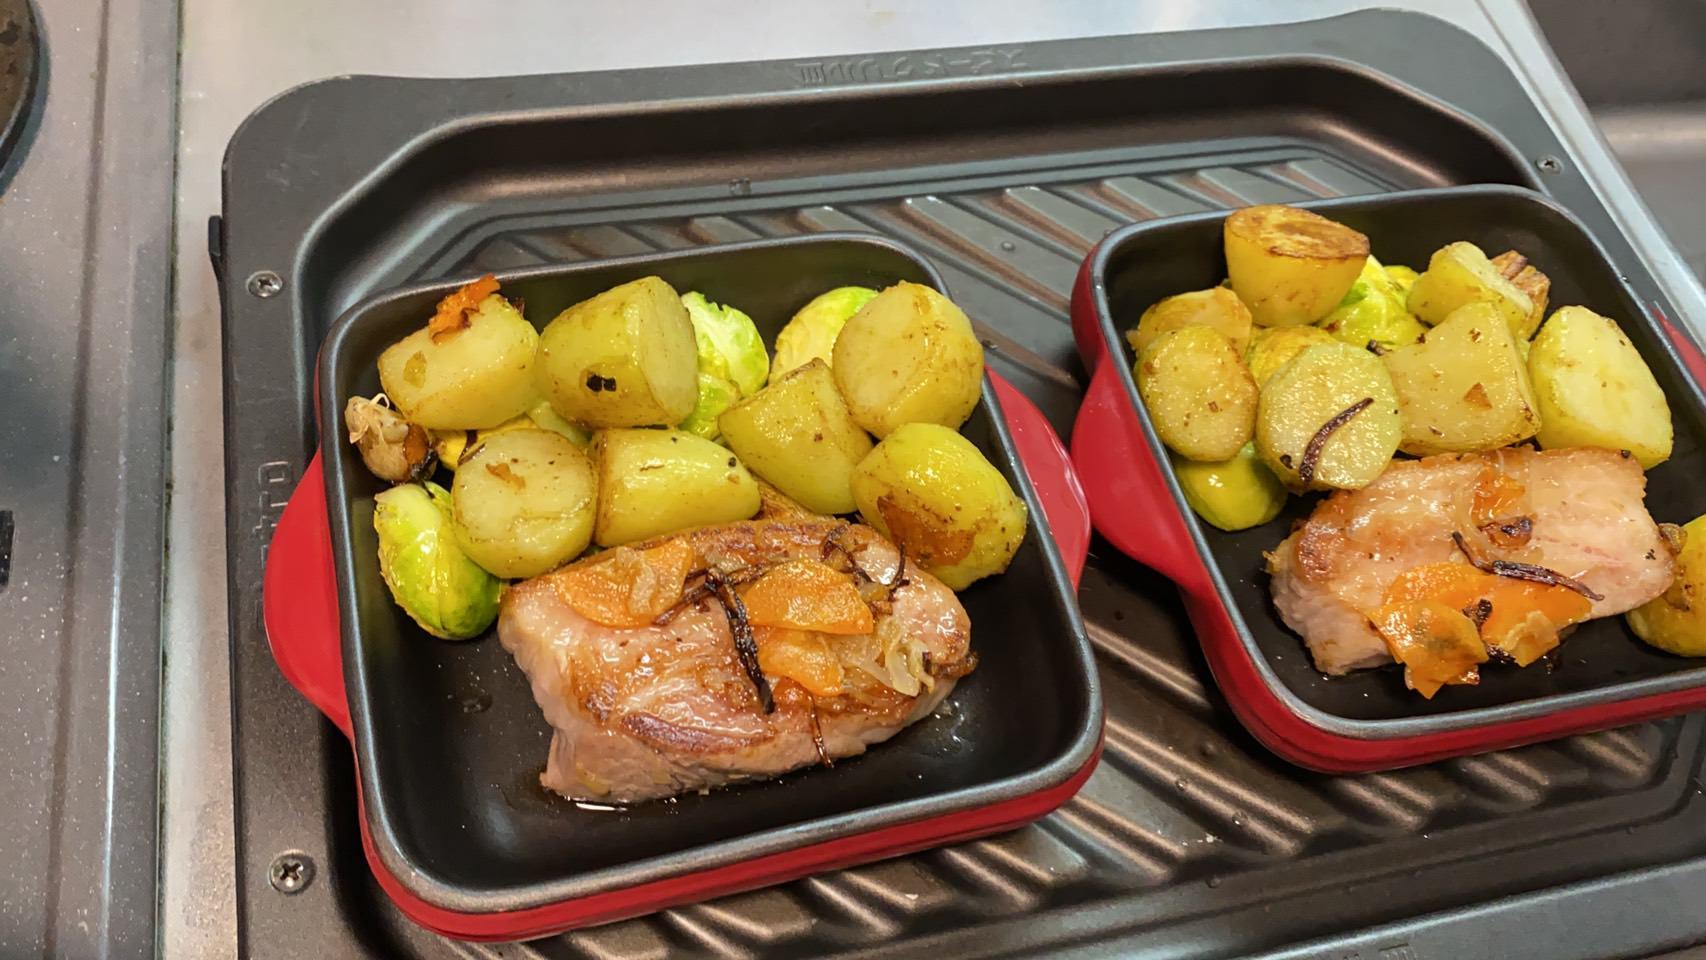 耐熱皿に肉、芽キャベツ、ジャガイモを盛った様子の画像です